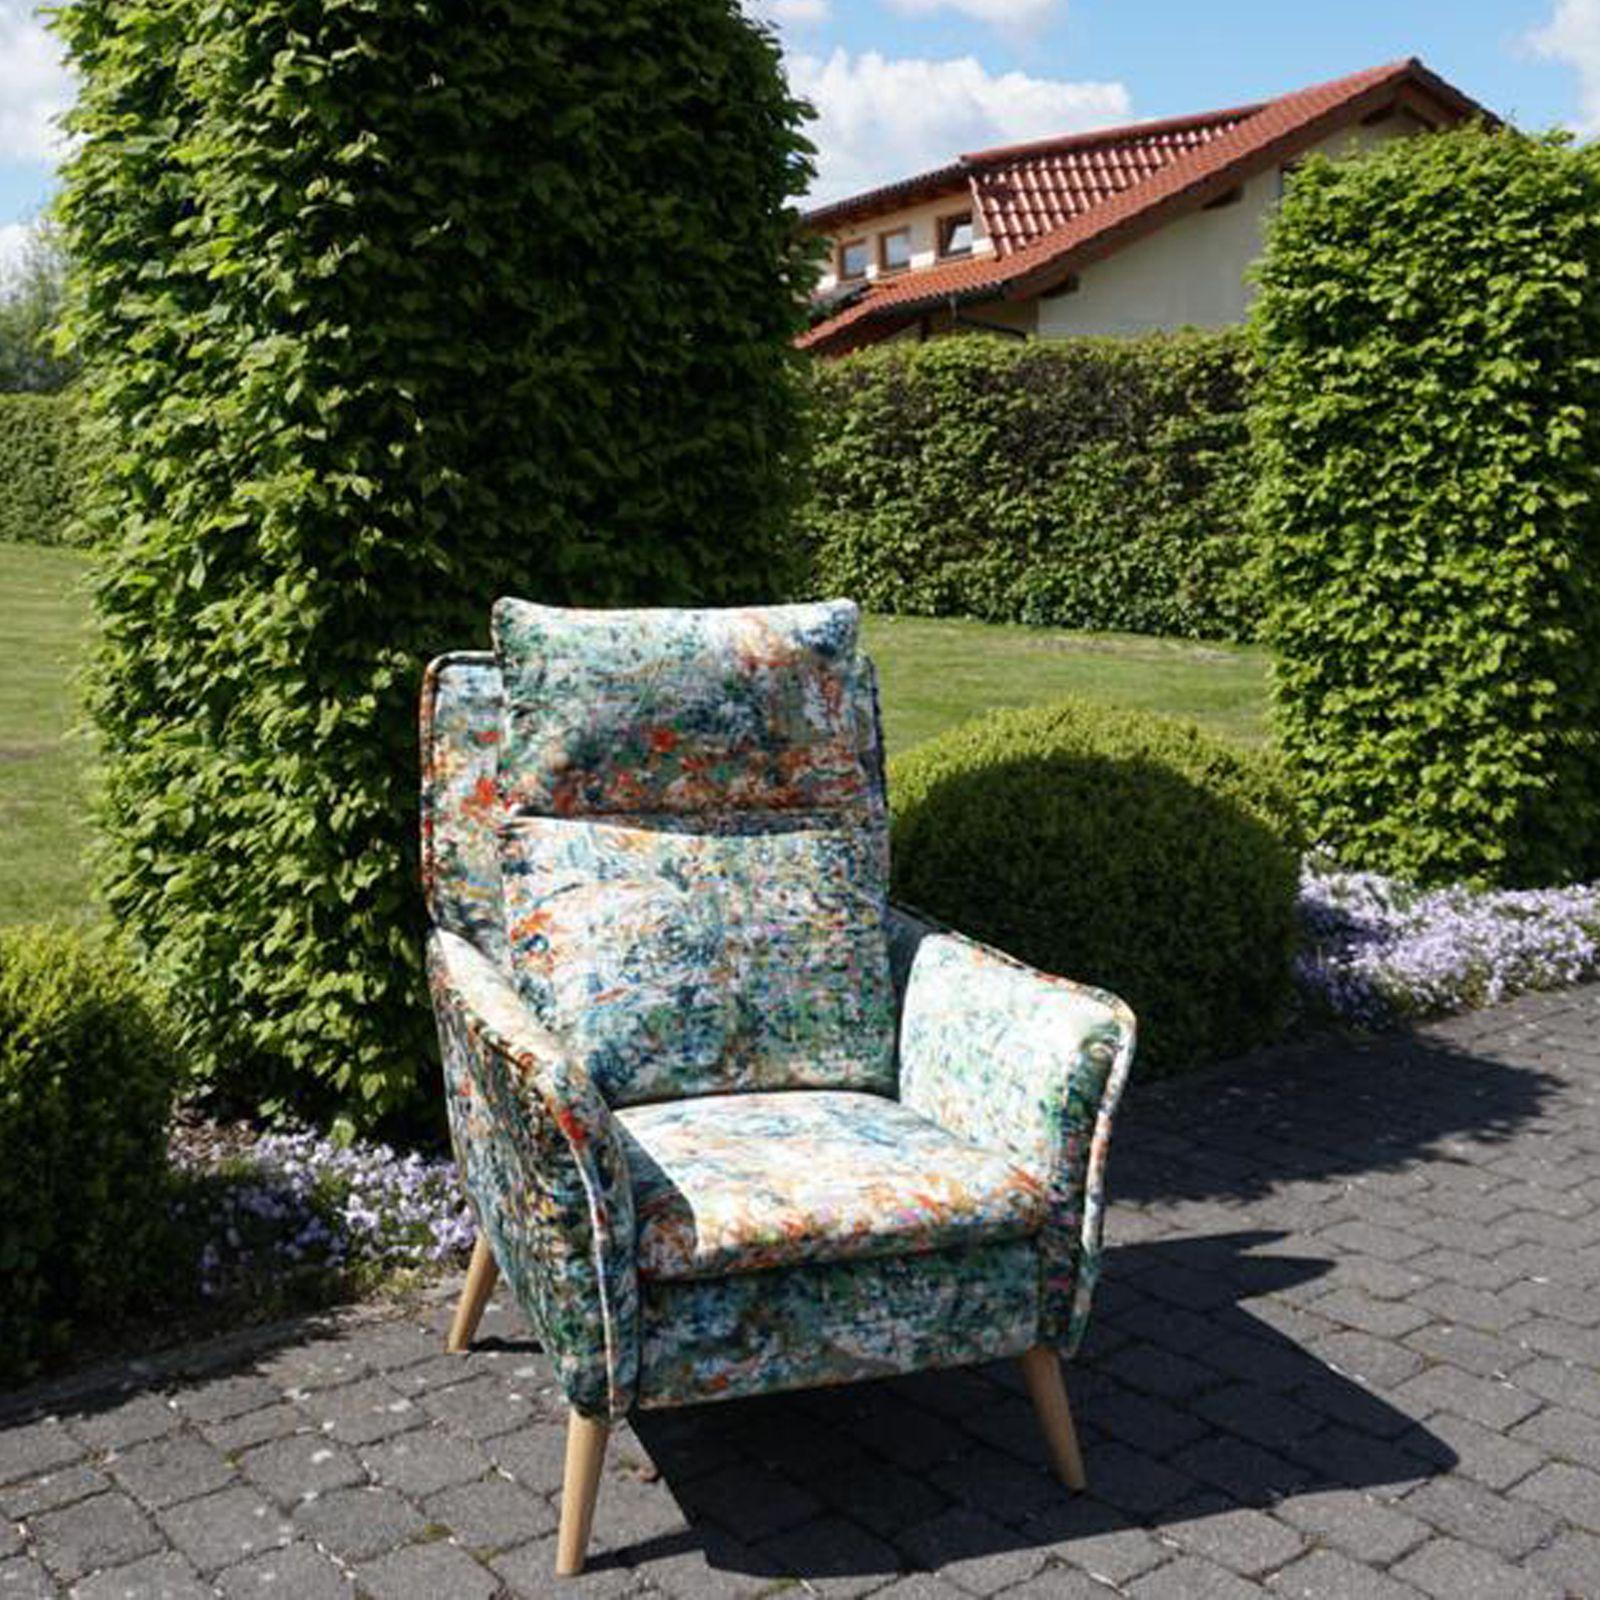 Wir Erfullen Unseren Kunden Fast Alle Wunsche Unseren Relaxsessel Insi In 2019 Relaxsessel Sessel Und Couch Beistelltisch